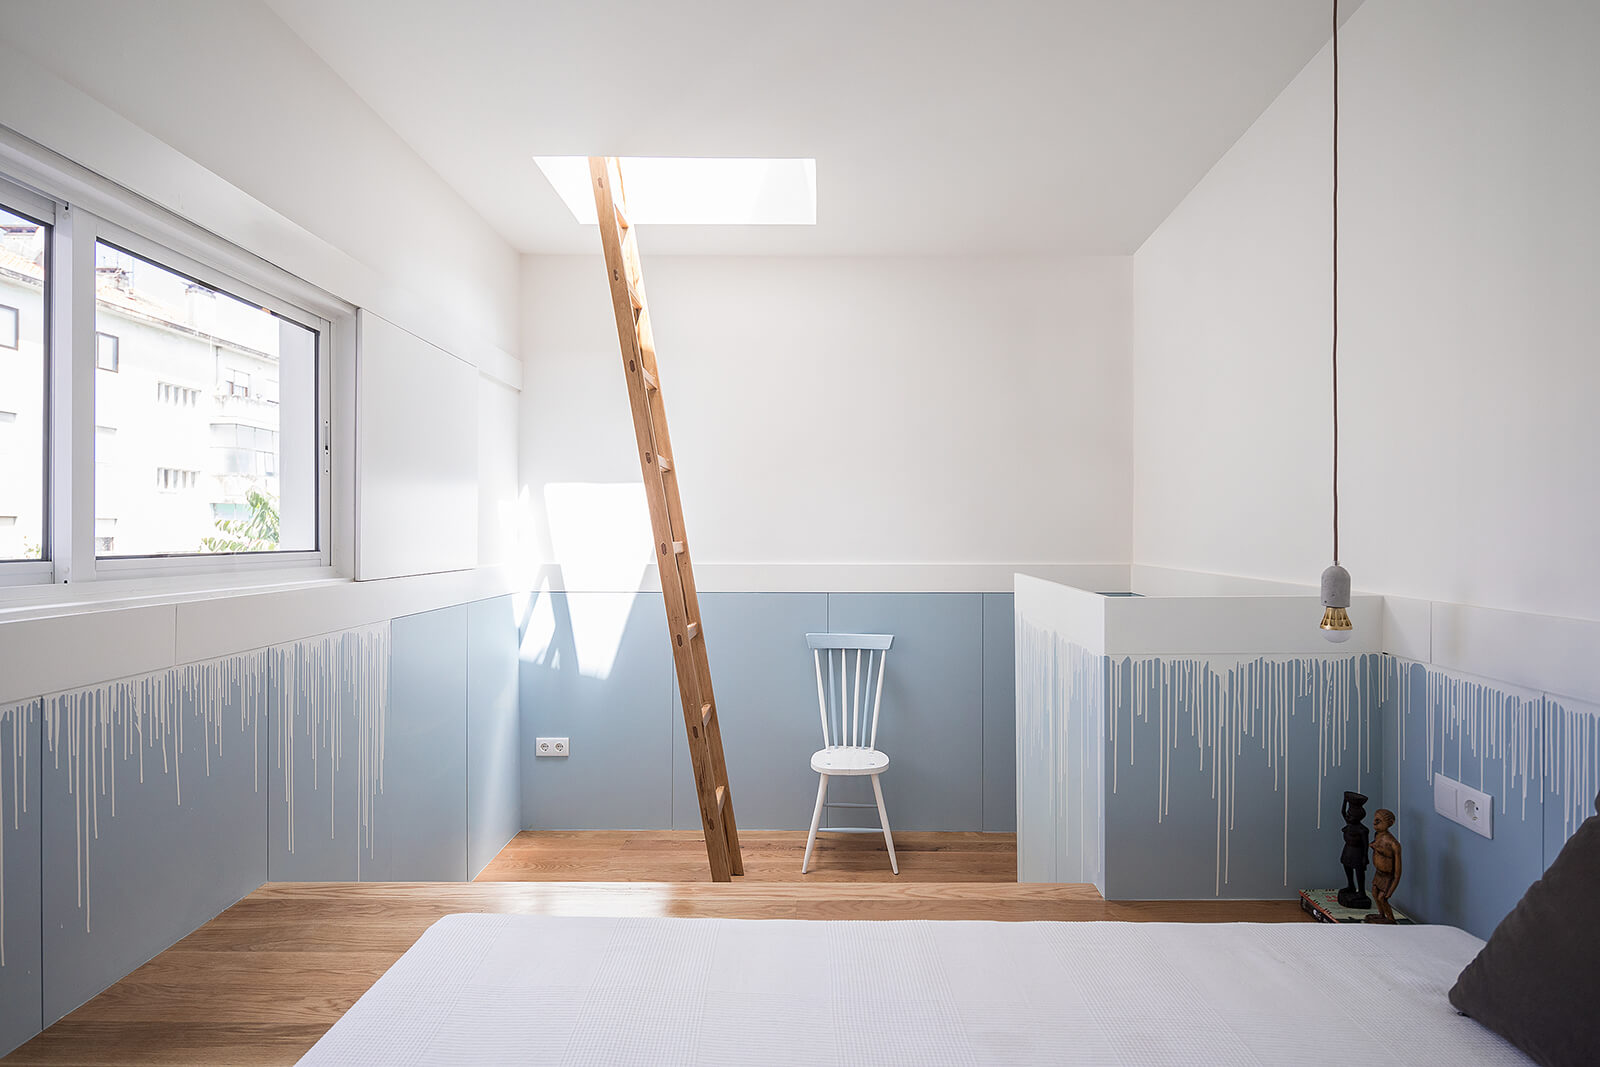 Himmelblau Fürs Minihaus | Sweet Home